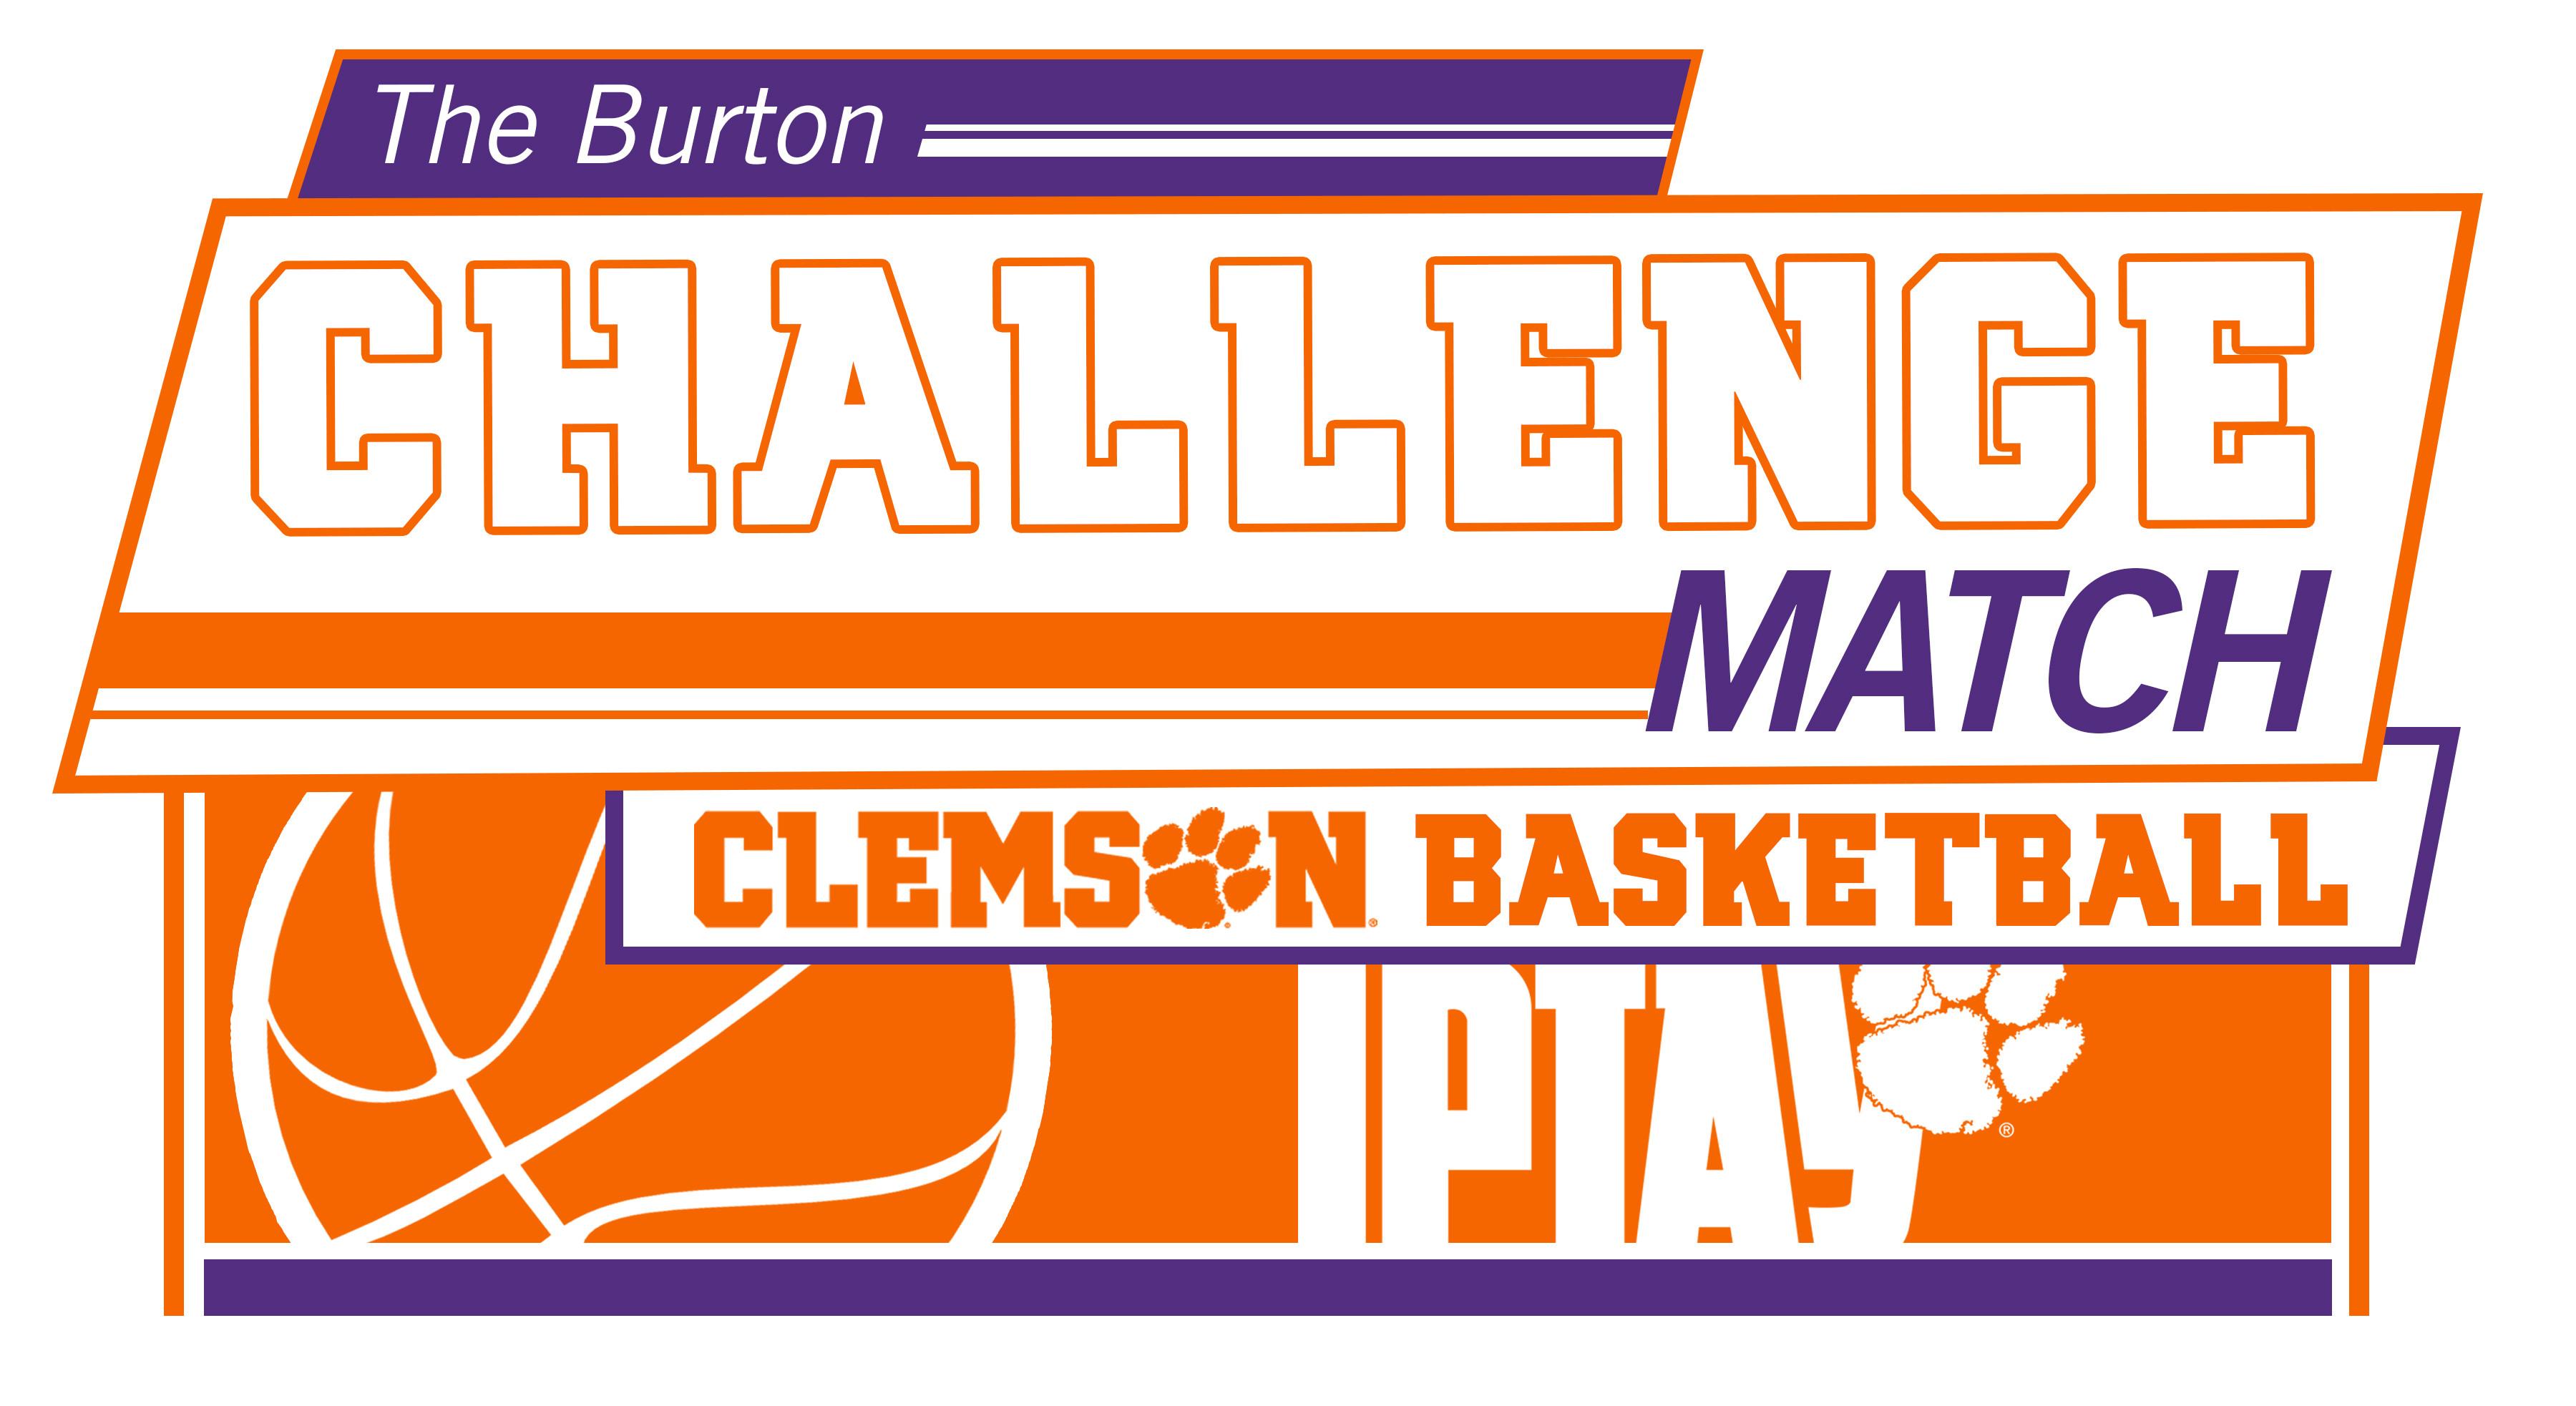 Burton Challenge For Men's Basketball Program Reaches Goal